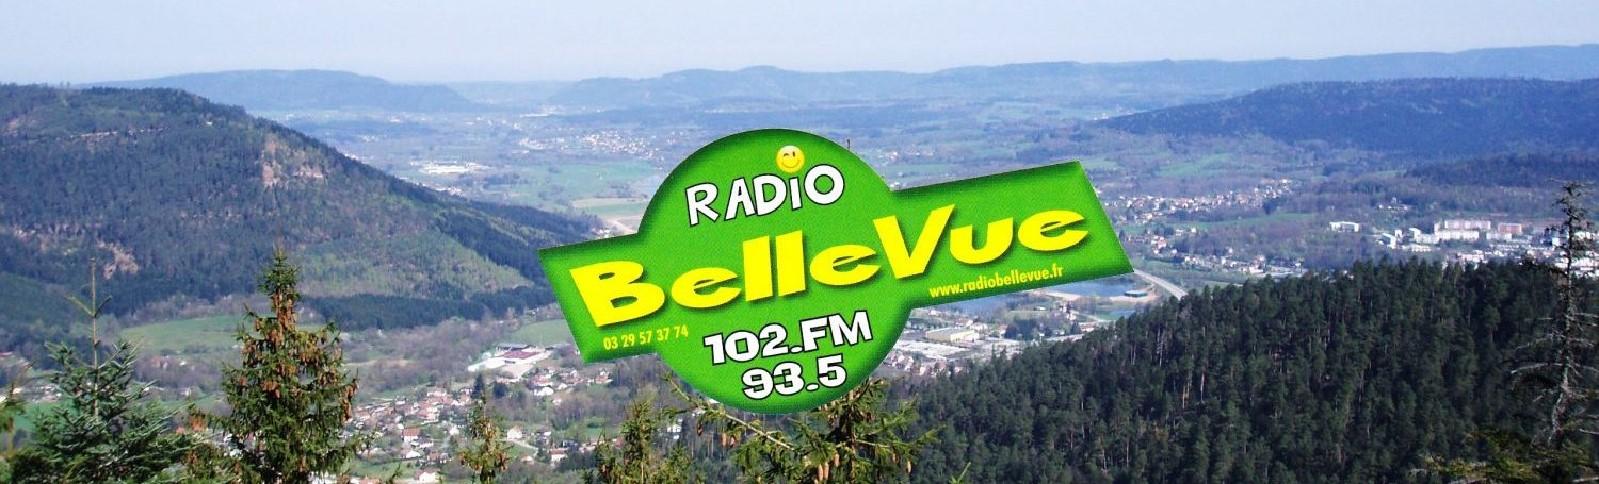 Logo de Radio Bellevue